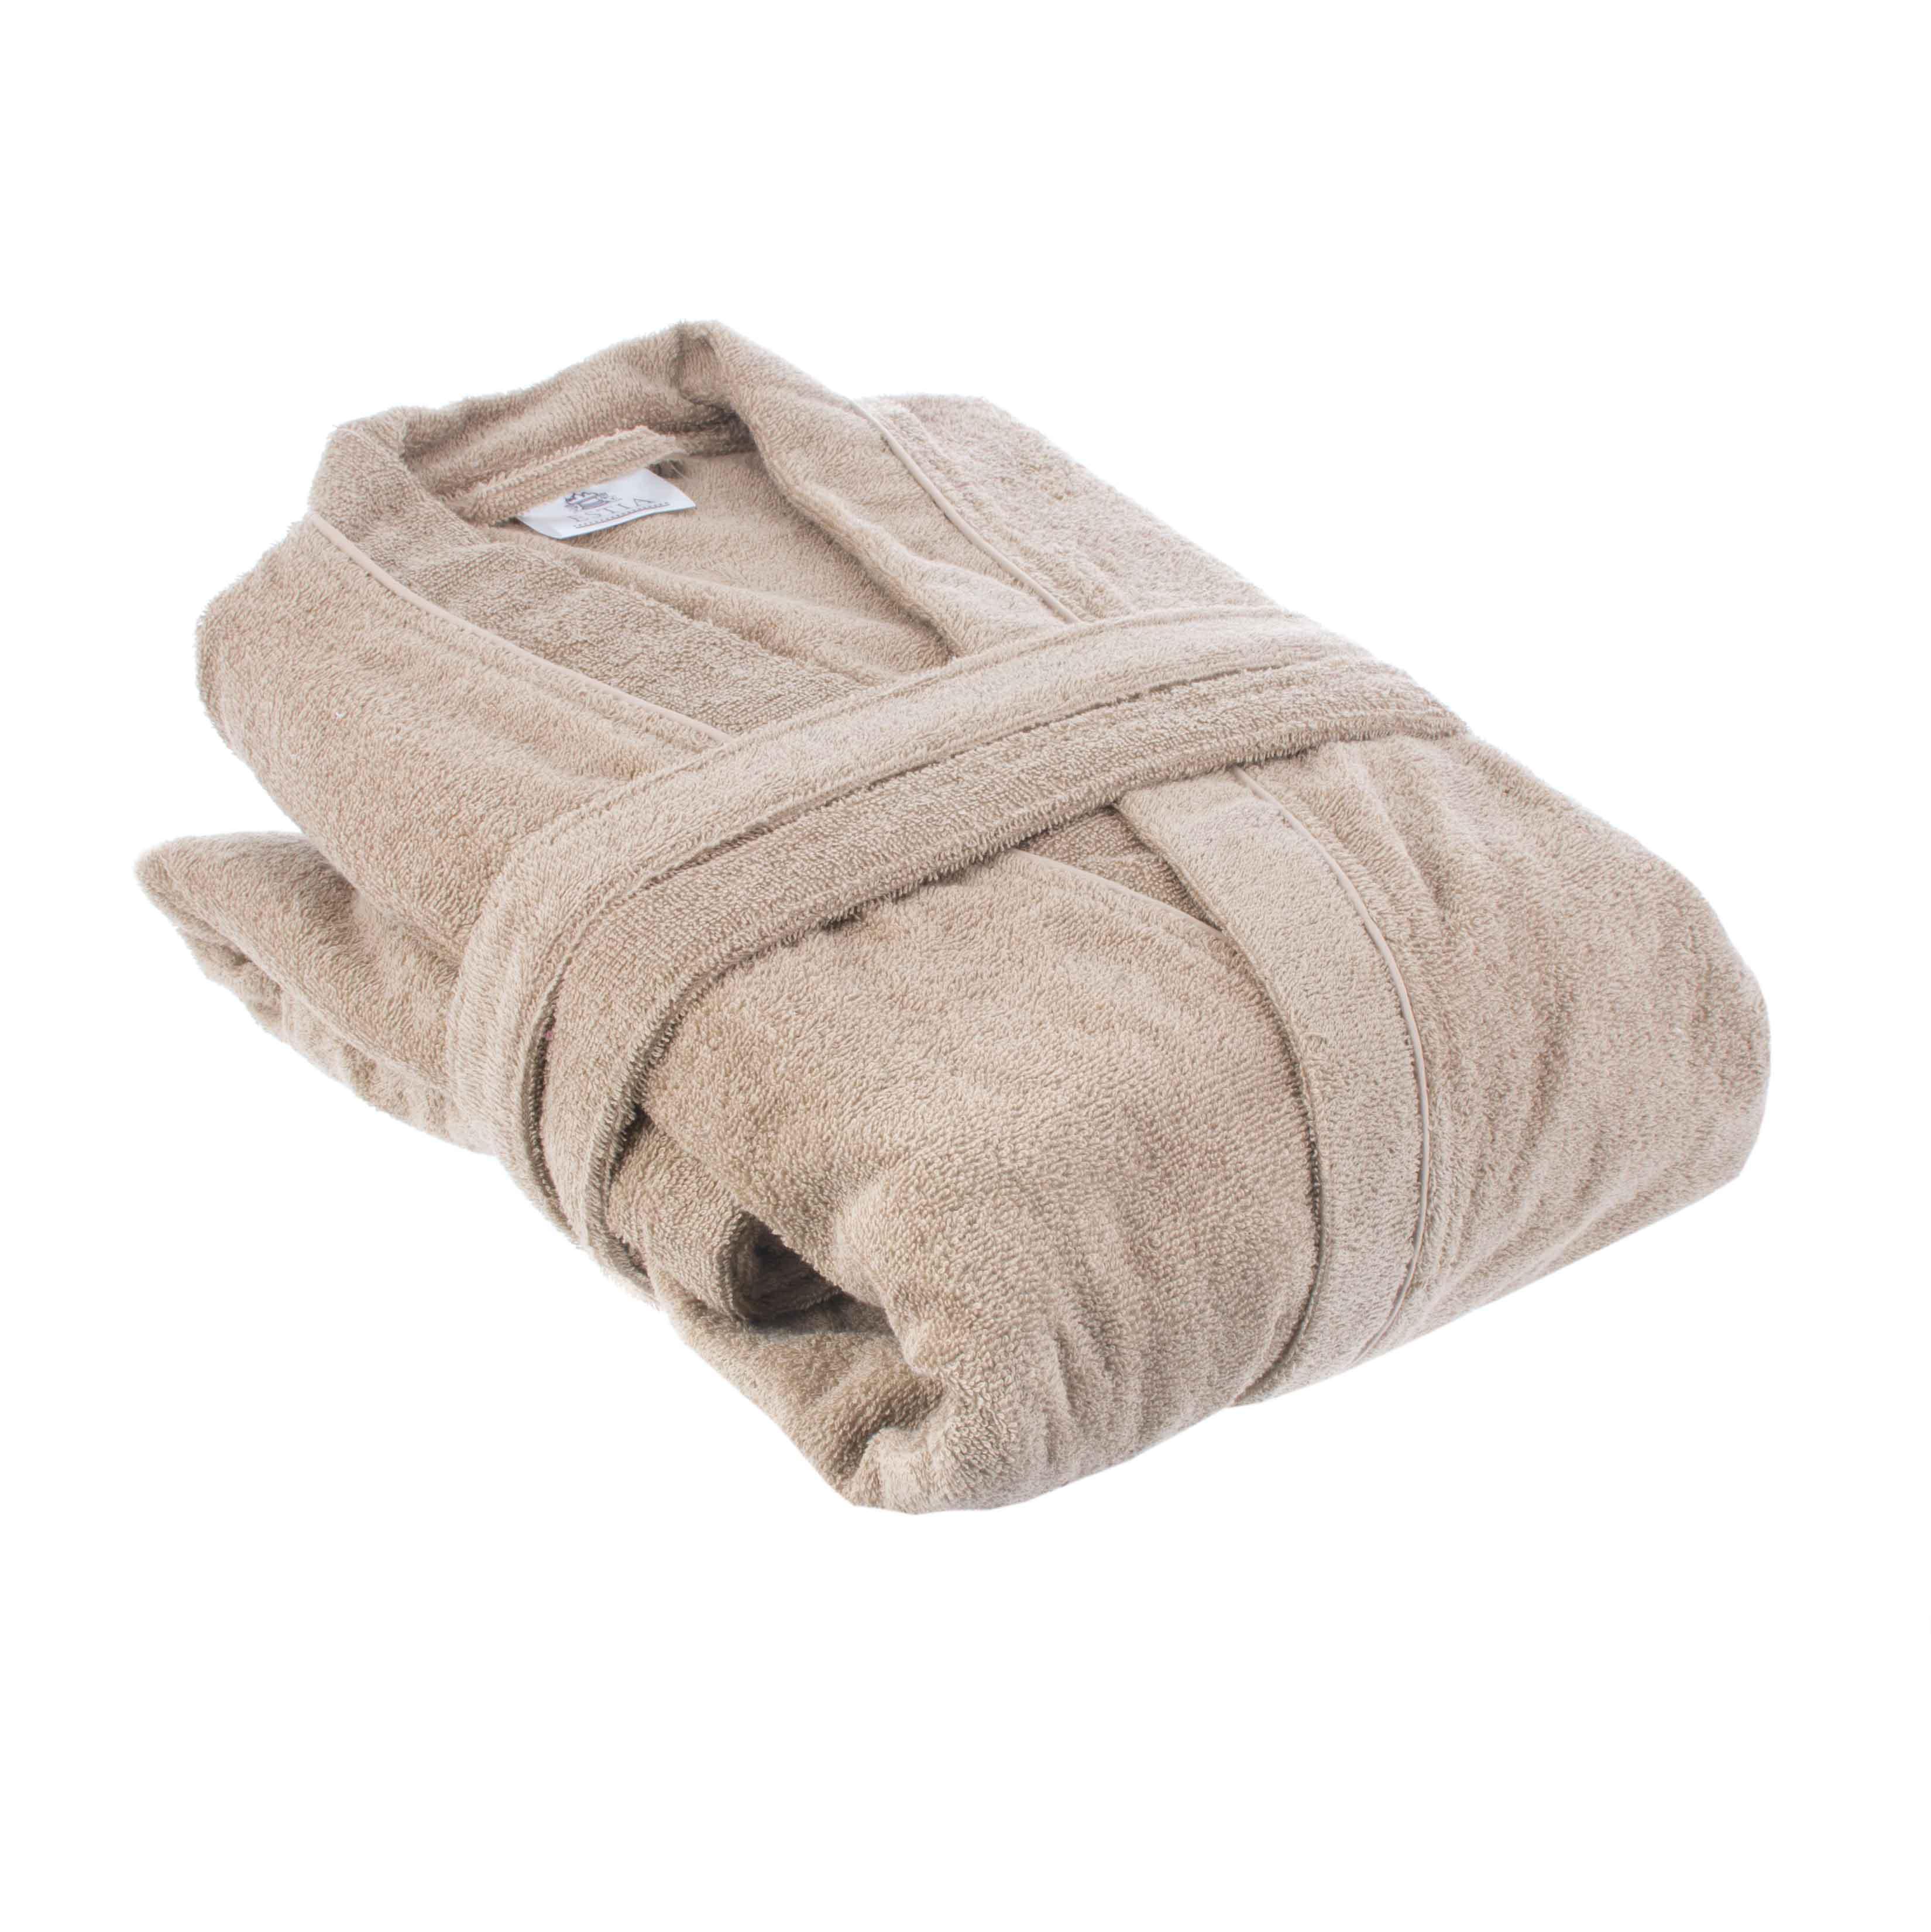 Халат либерти кимоно l/xl -48/50 Estia 99.54.51.0083 домашние халаты pastilla домашний халат лира l xl